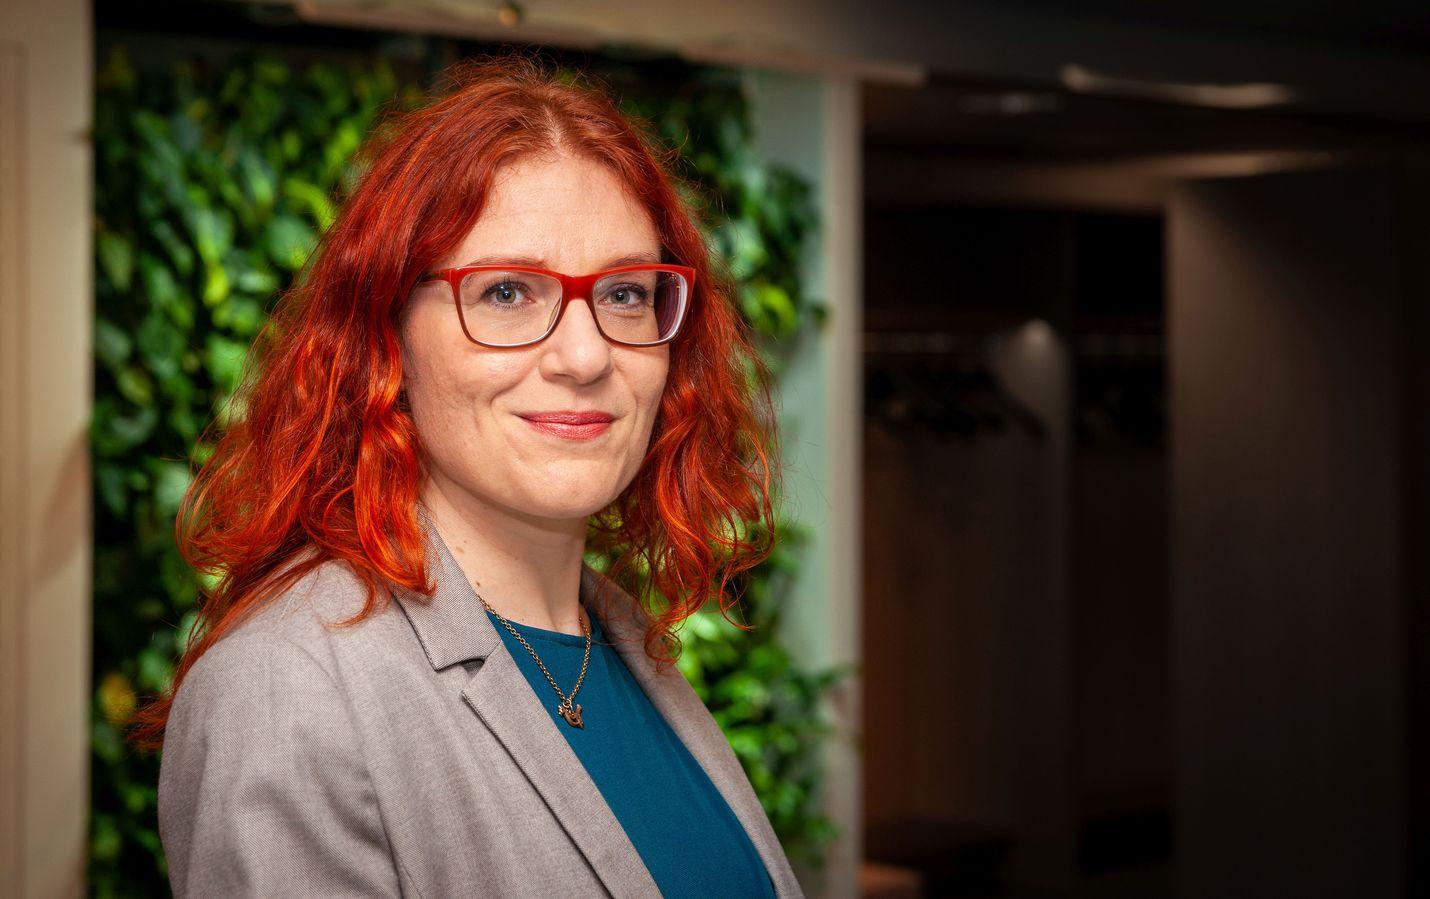 Annika Rönni-Sällinen on toiminut PAM:n puheenjohtajana kesäkuusta 2019 alkaen. Hän seurasi tehtävässä Ann Seliniä, joka johti liittoa vuodesta 2002.